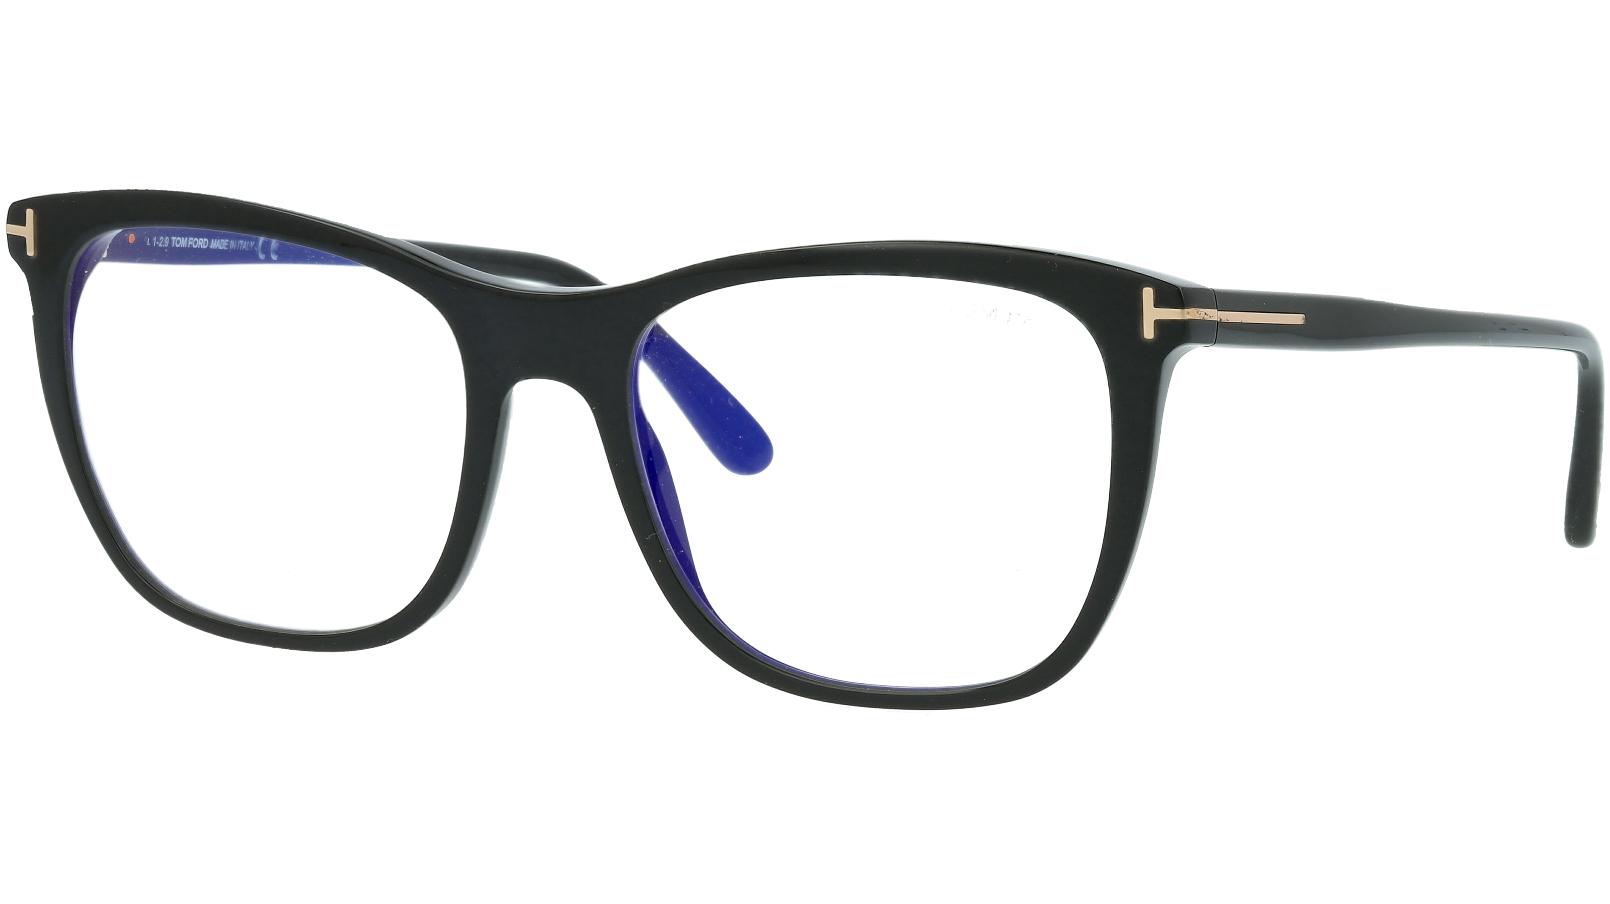 TOM FORD FT5672-B 001 54 SHINY Glasses